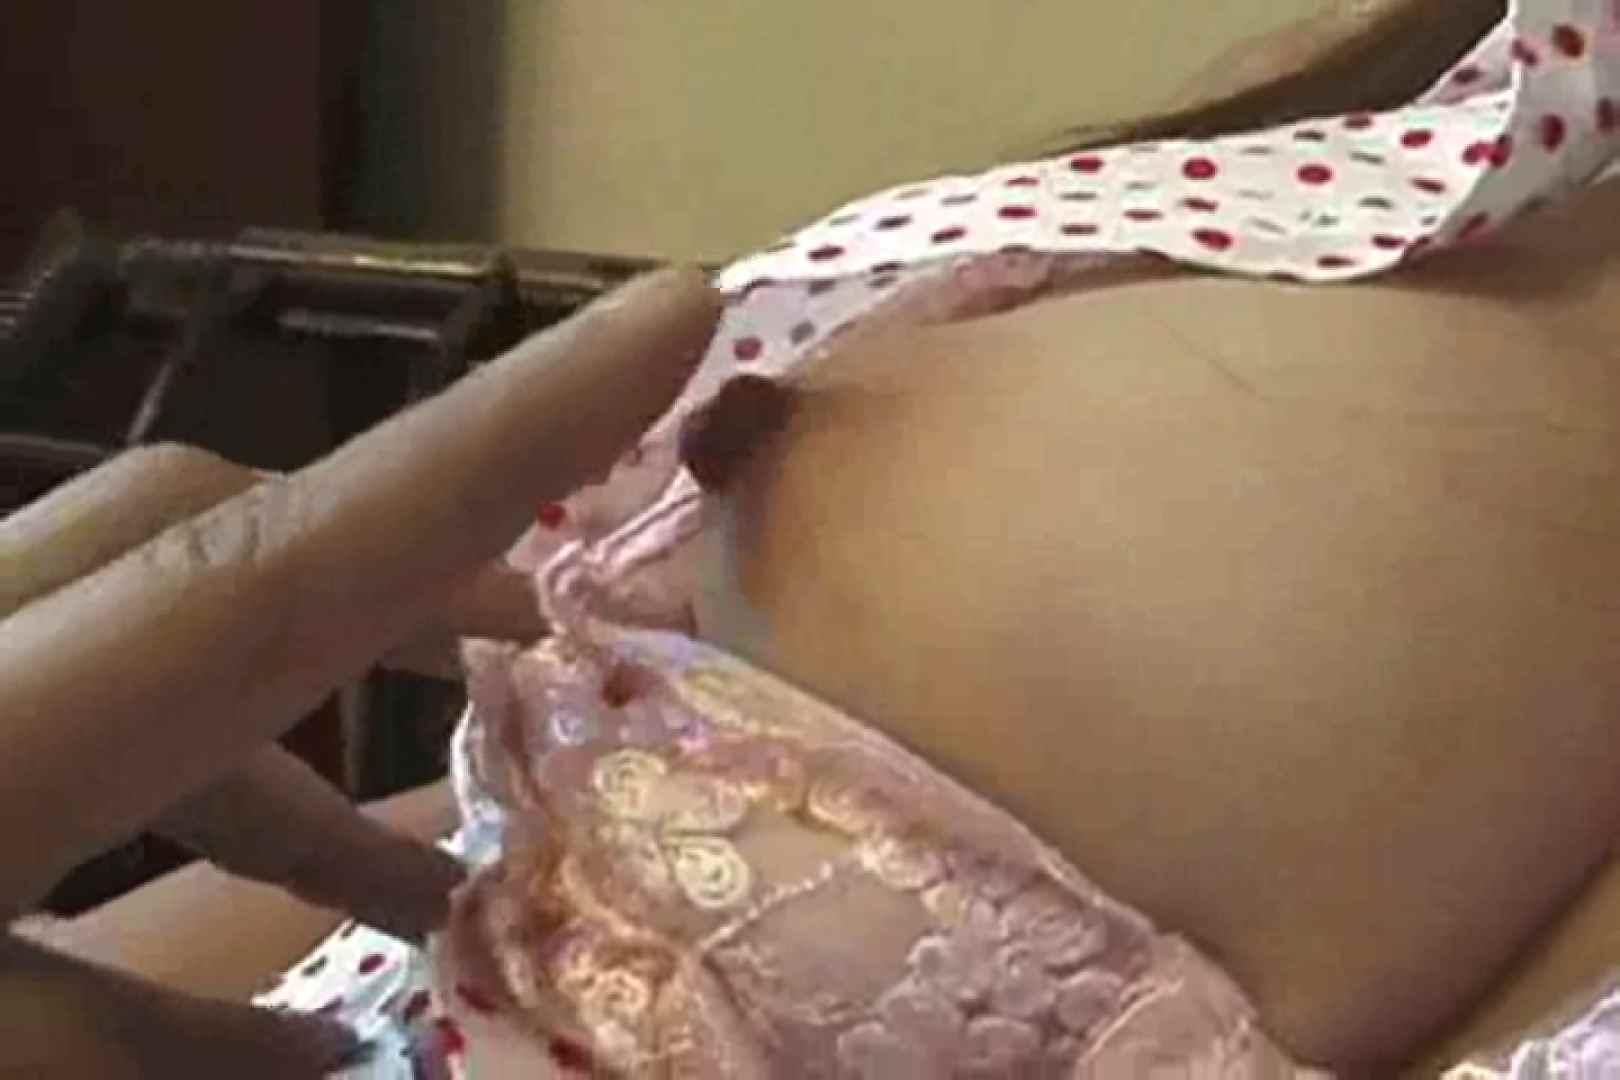 仁義なきキンタマ 伊藤孝一のアルバム カップル  83pic 40